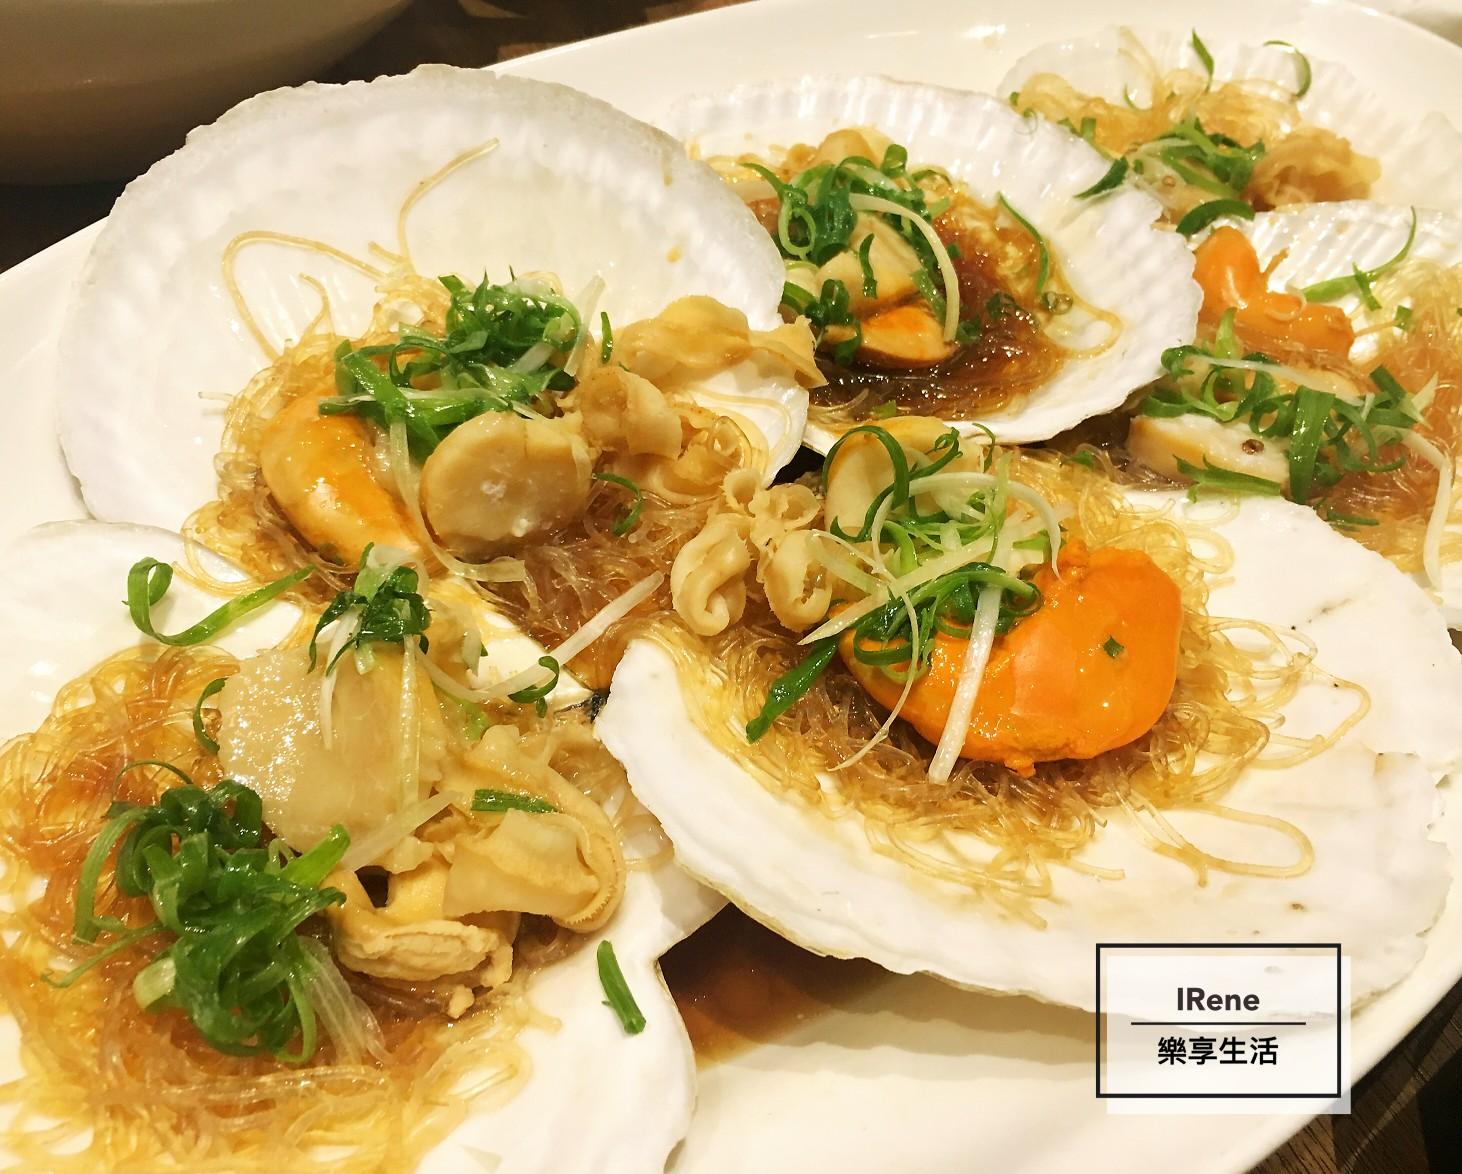 上海小南國餐廳-蒜蓉蝦貽貝